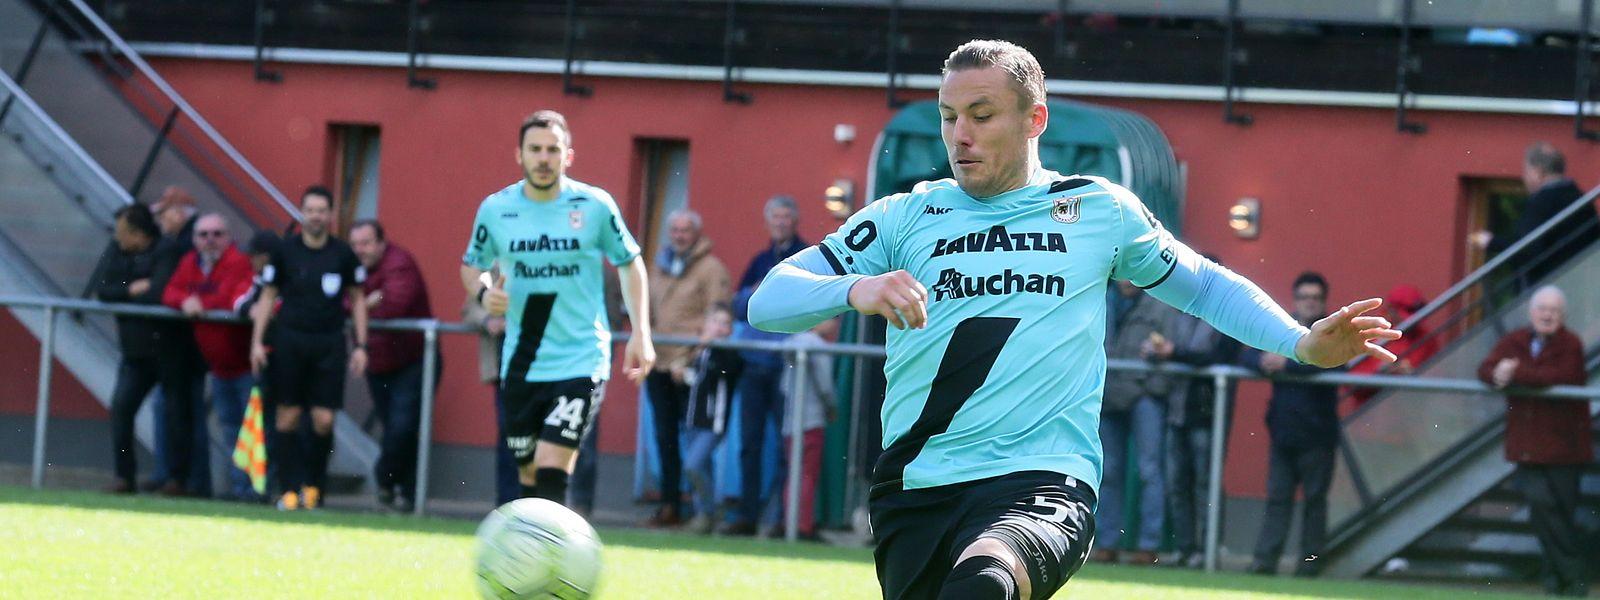 Kapitän Tom Schnell und seine Düdelinger Teamkollegen wollen erneut eine starke Europapokalsaison spielen.